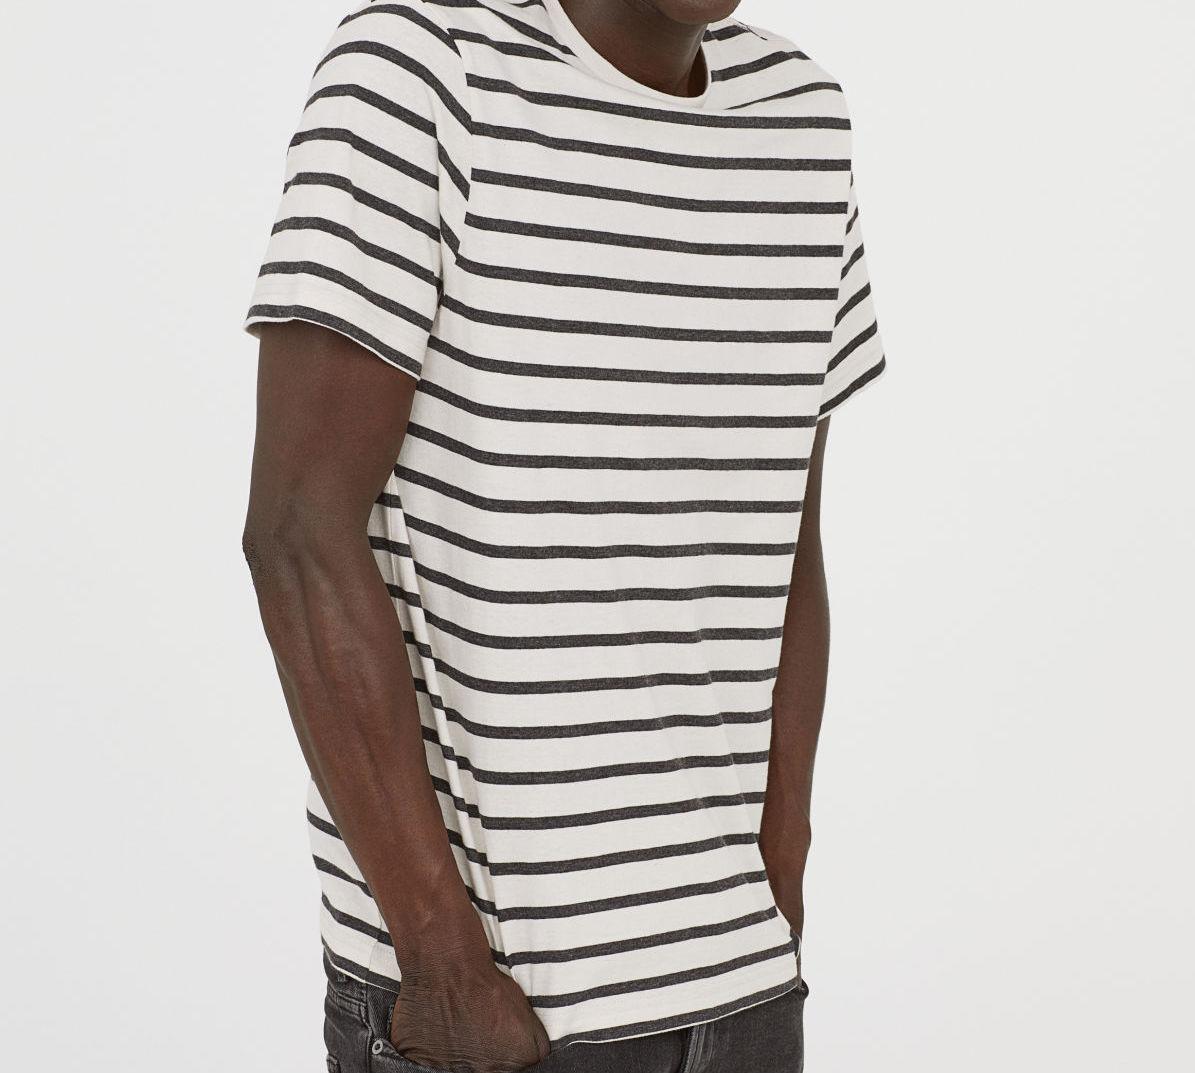 hm striped tshirt